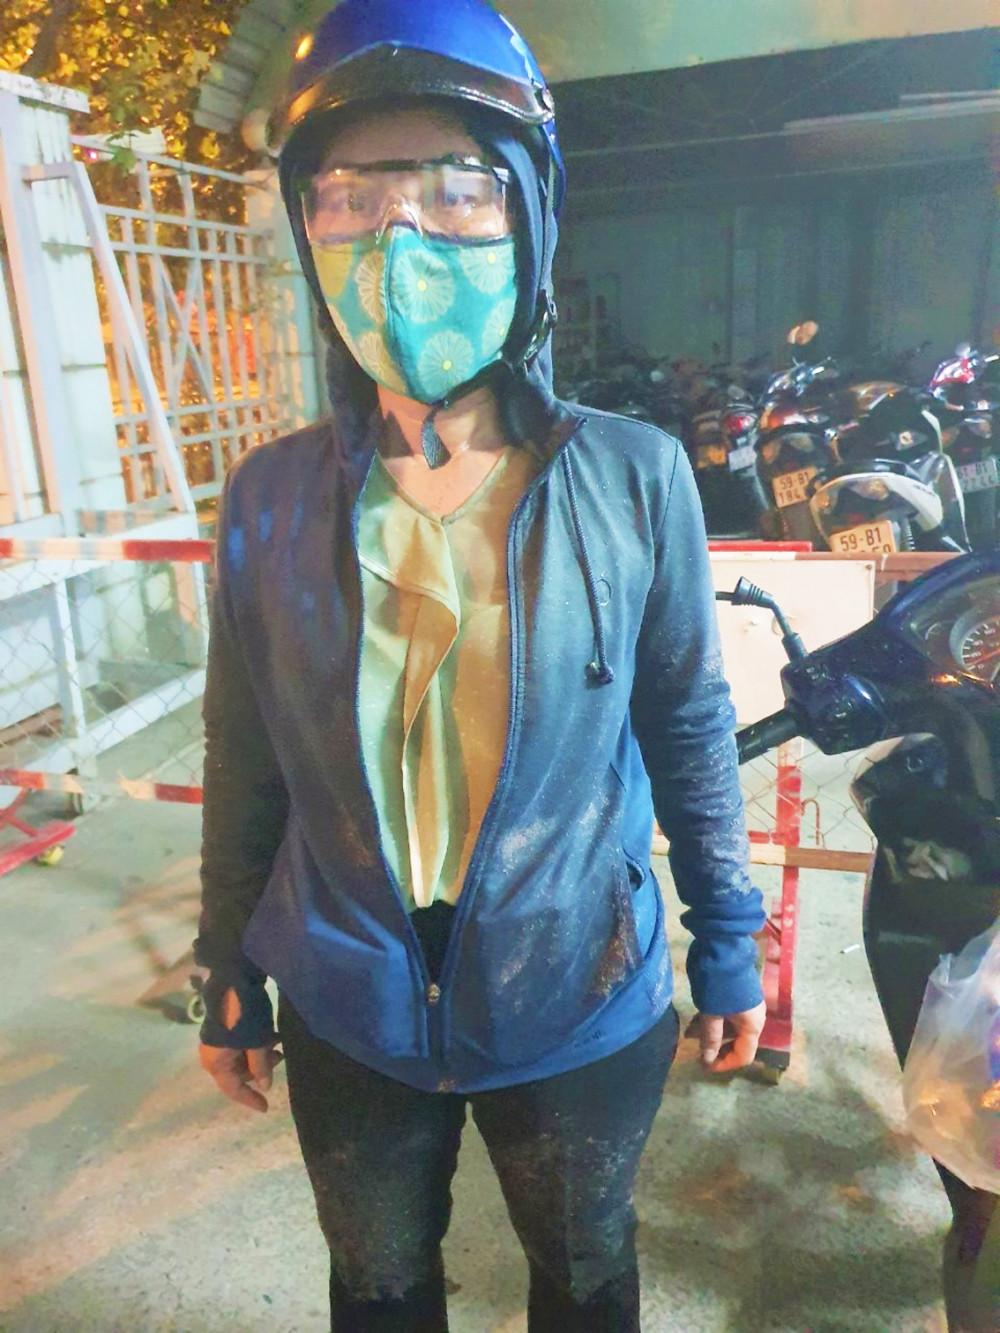 Bà Phan Thị Kim Oanh đến công an trình báo sau khi bị hai kẻ lạ mặt dùng chất bẩn tấn công - Ảnh do nạn nhân cung cấp